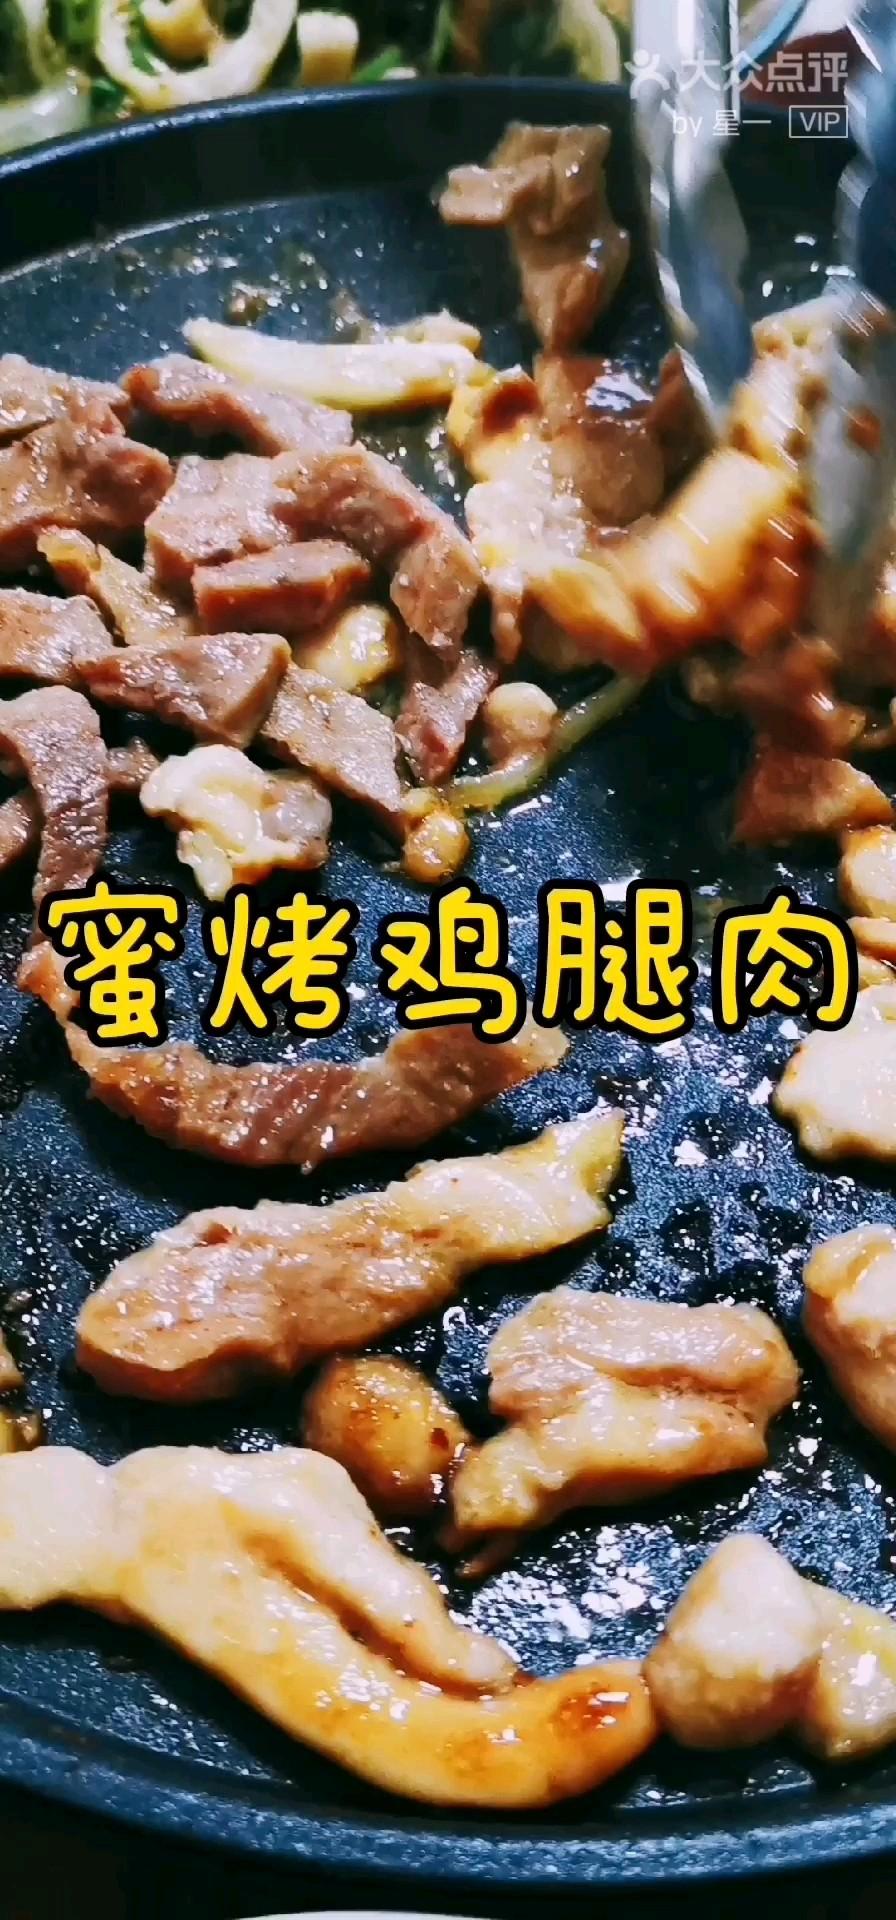 只需要三种调料,就能吃到香香滴烤肉!